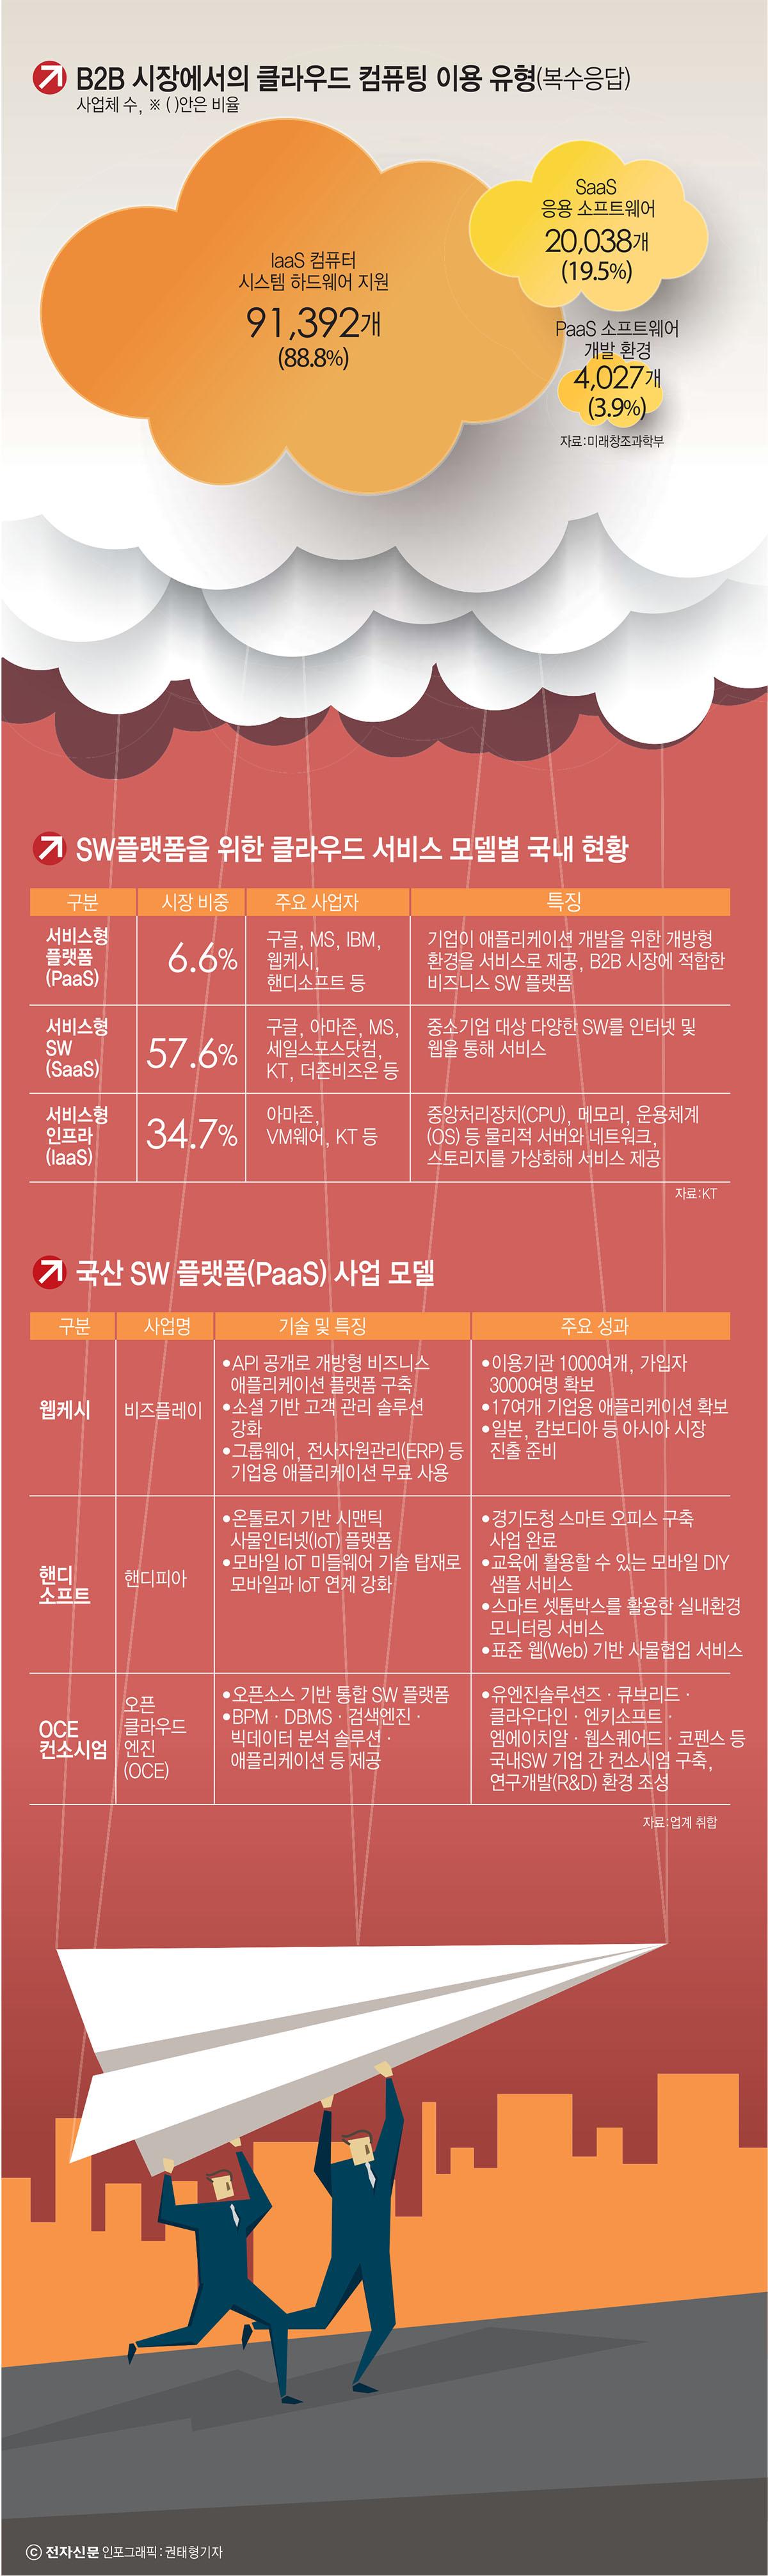 """[이슈분석]토종 SW 플랫폼 생존 전략 """"가입자 확보와 IT 인프라 뒷받쳐줘야"""""""